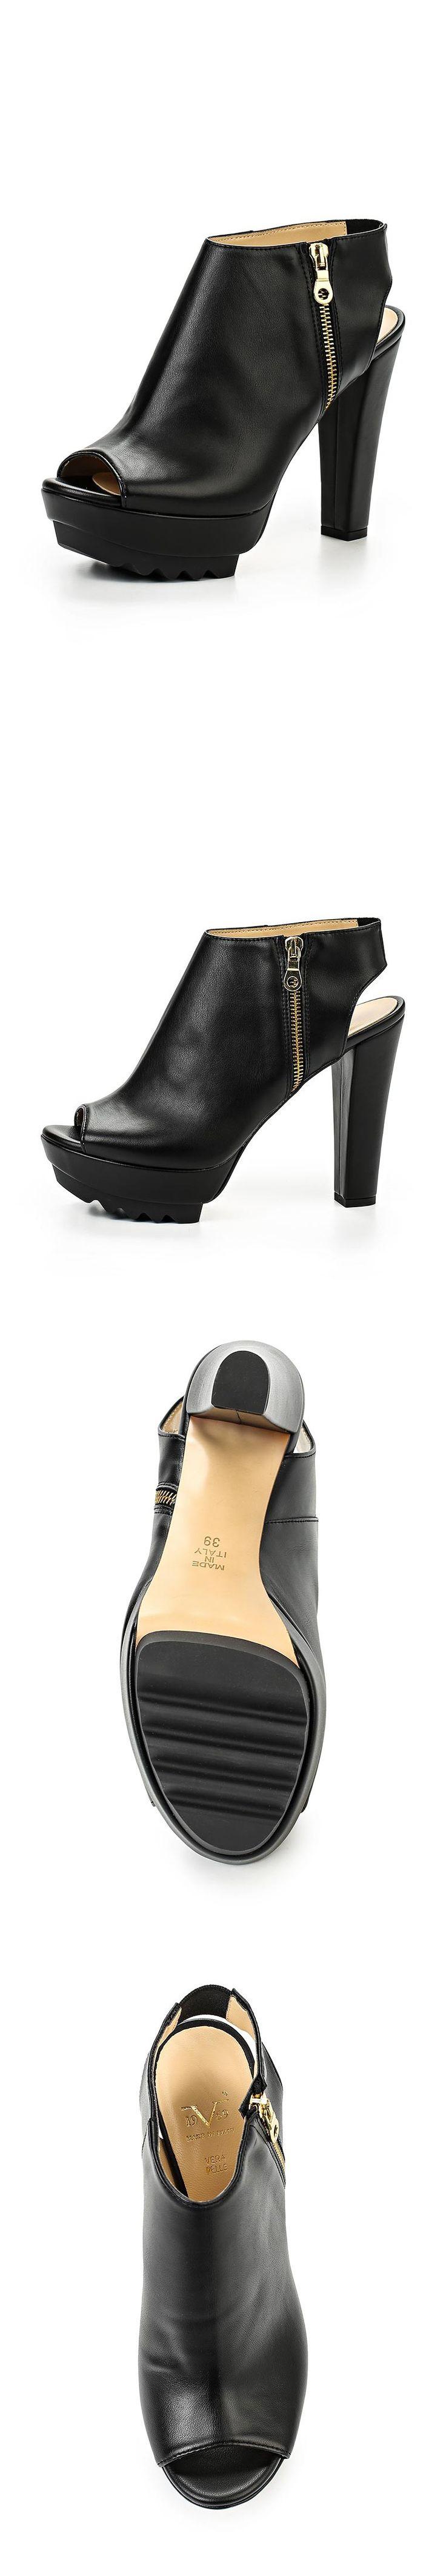 Женская обувь босоножки Versace 19.69 за 15590.00 руб.